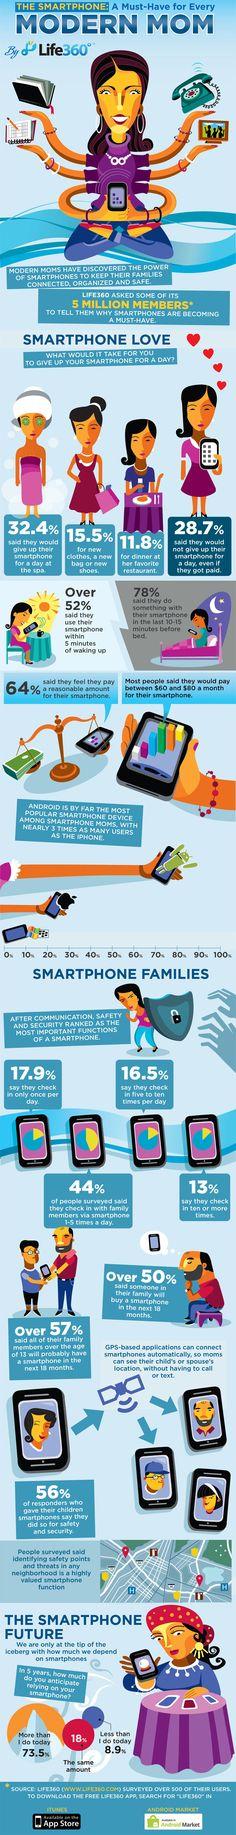 neighburhood.com - Pin Details: How Moms Use Smart Phones |...